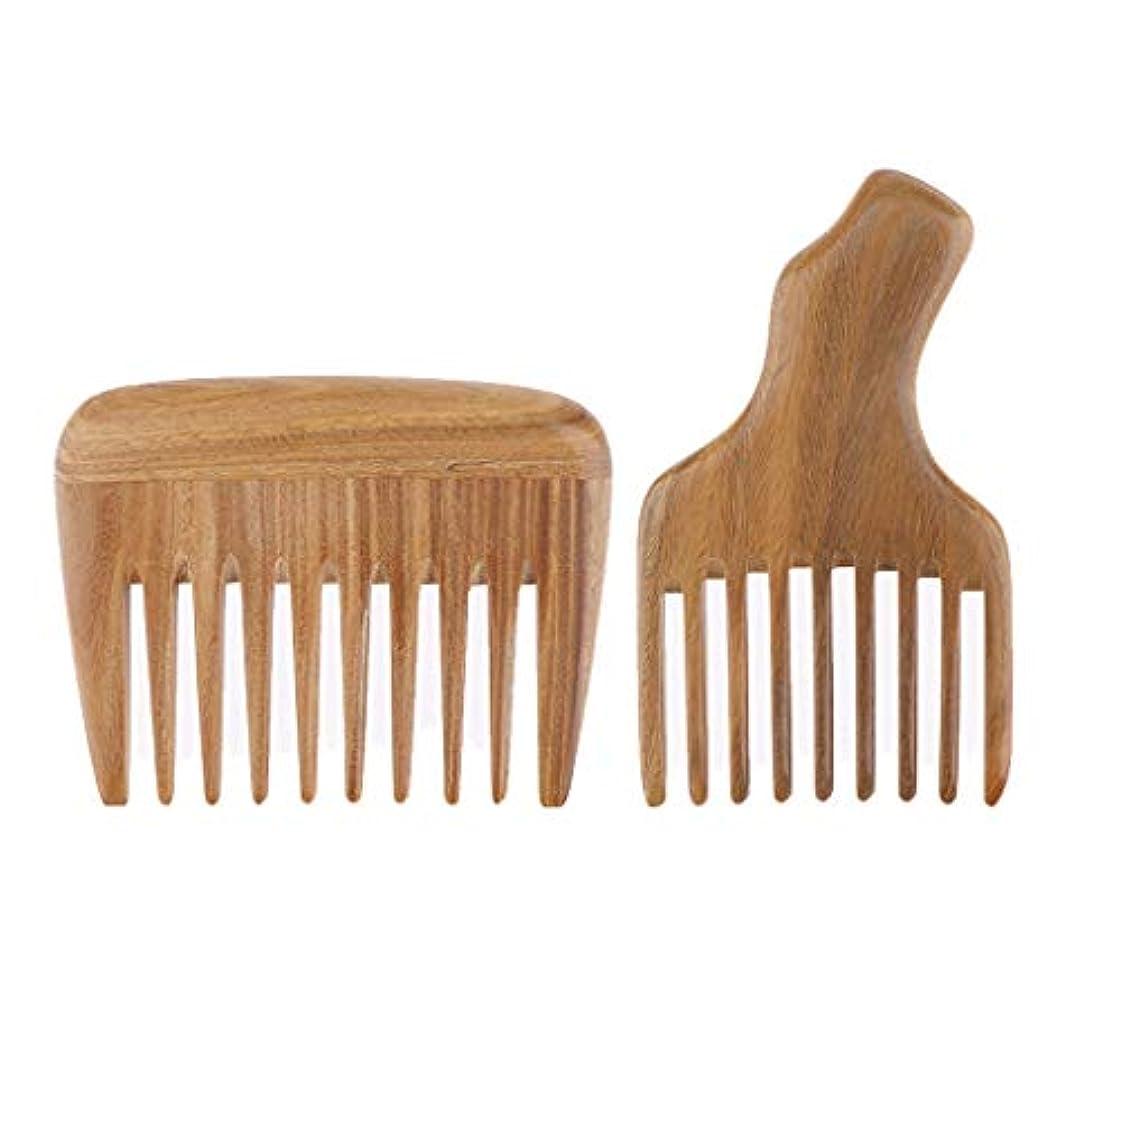 フィードバック化粧思想B Blesiya 2個 帯電防止櫛 木製櫛 ヘアコーム ヘアブラシ ポケット